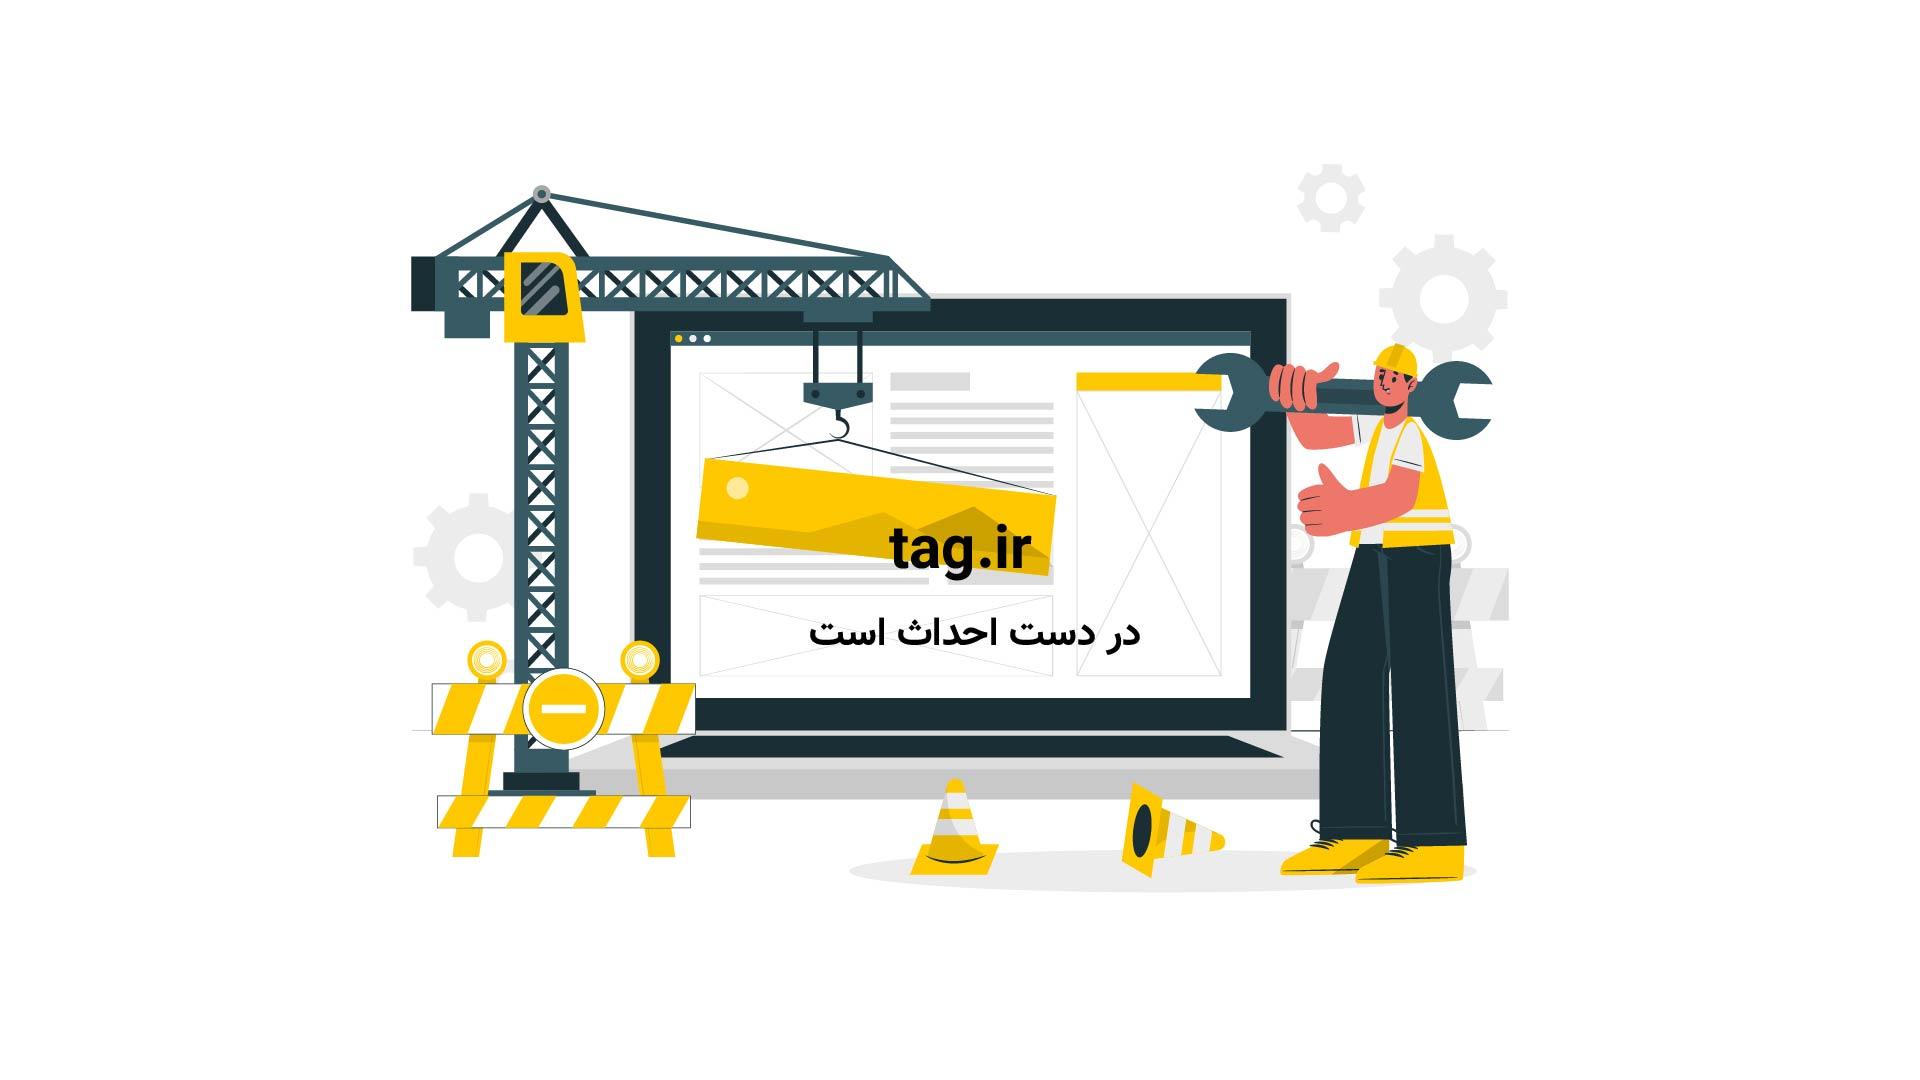 جلسه دادگاه کشاورز فرانسوی متهم به کمک به پناهجویان غیرقانونی | فیلم